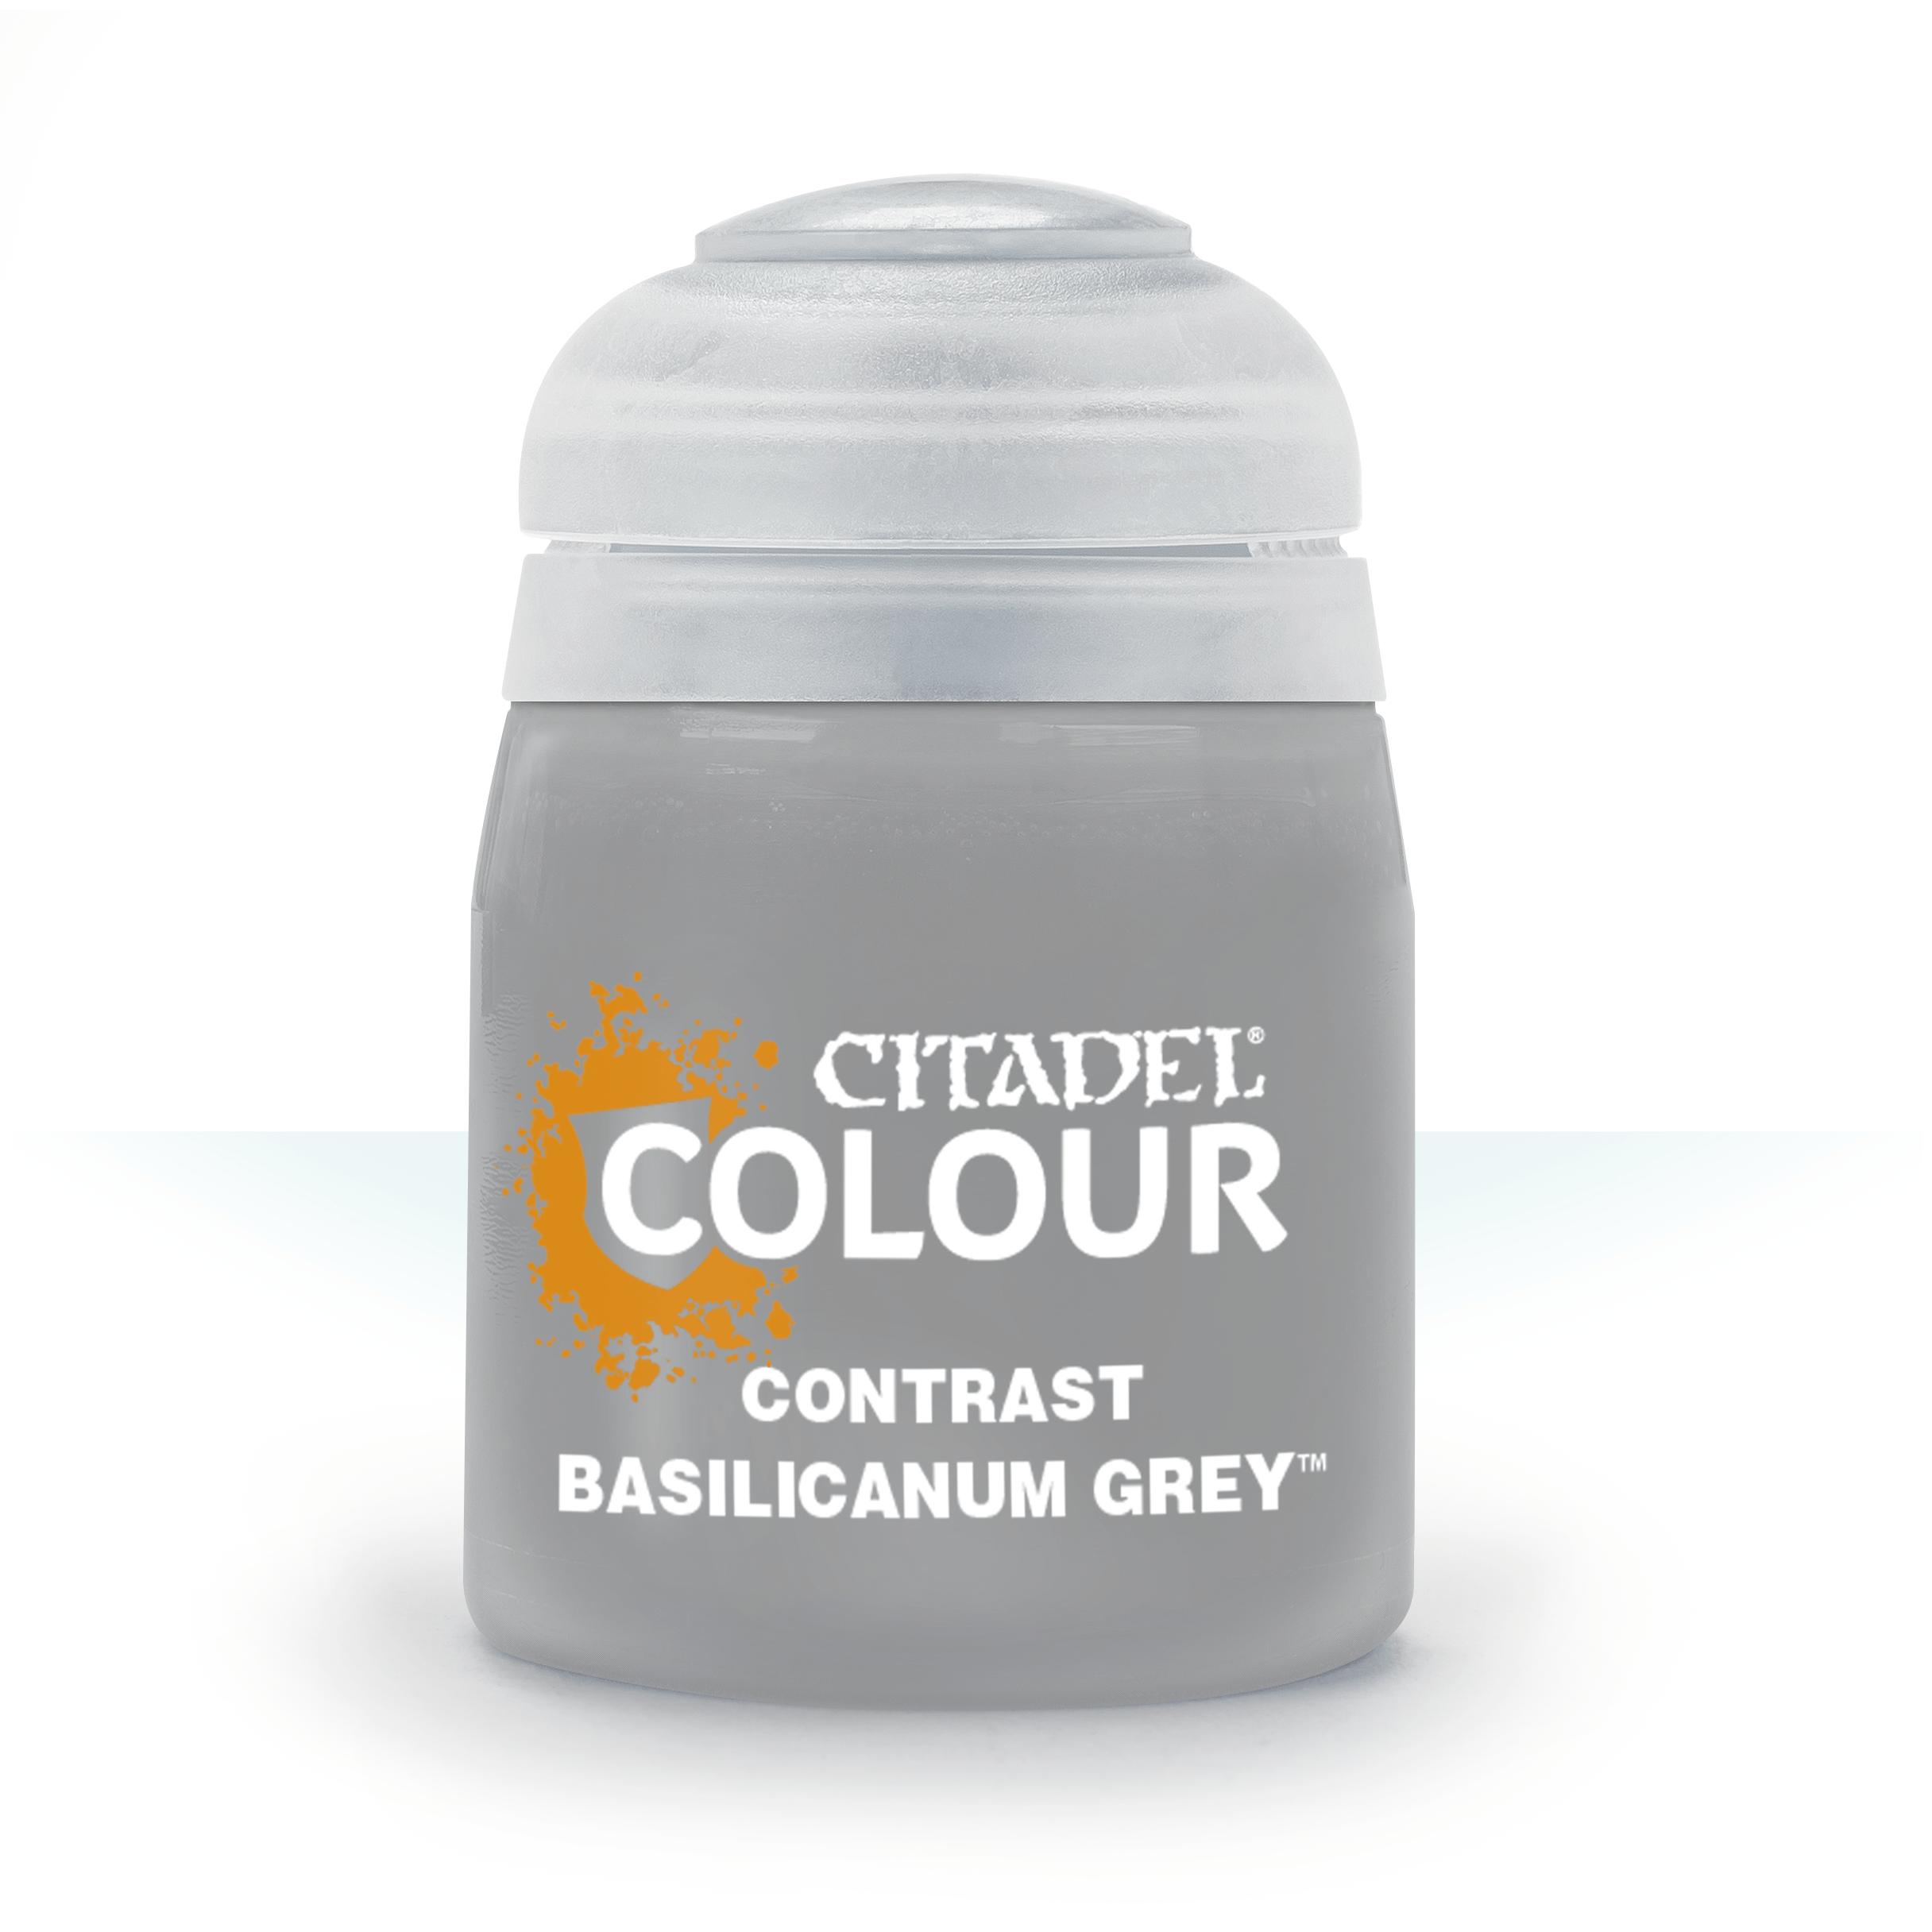 Basilicanum Grey, Citadel Contrast 18ml